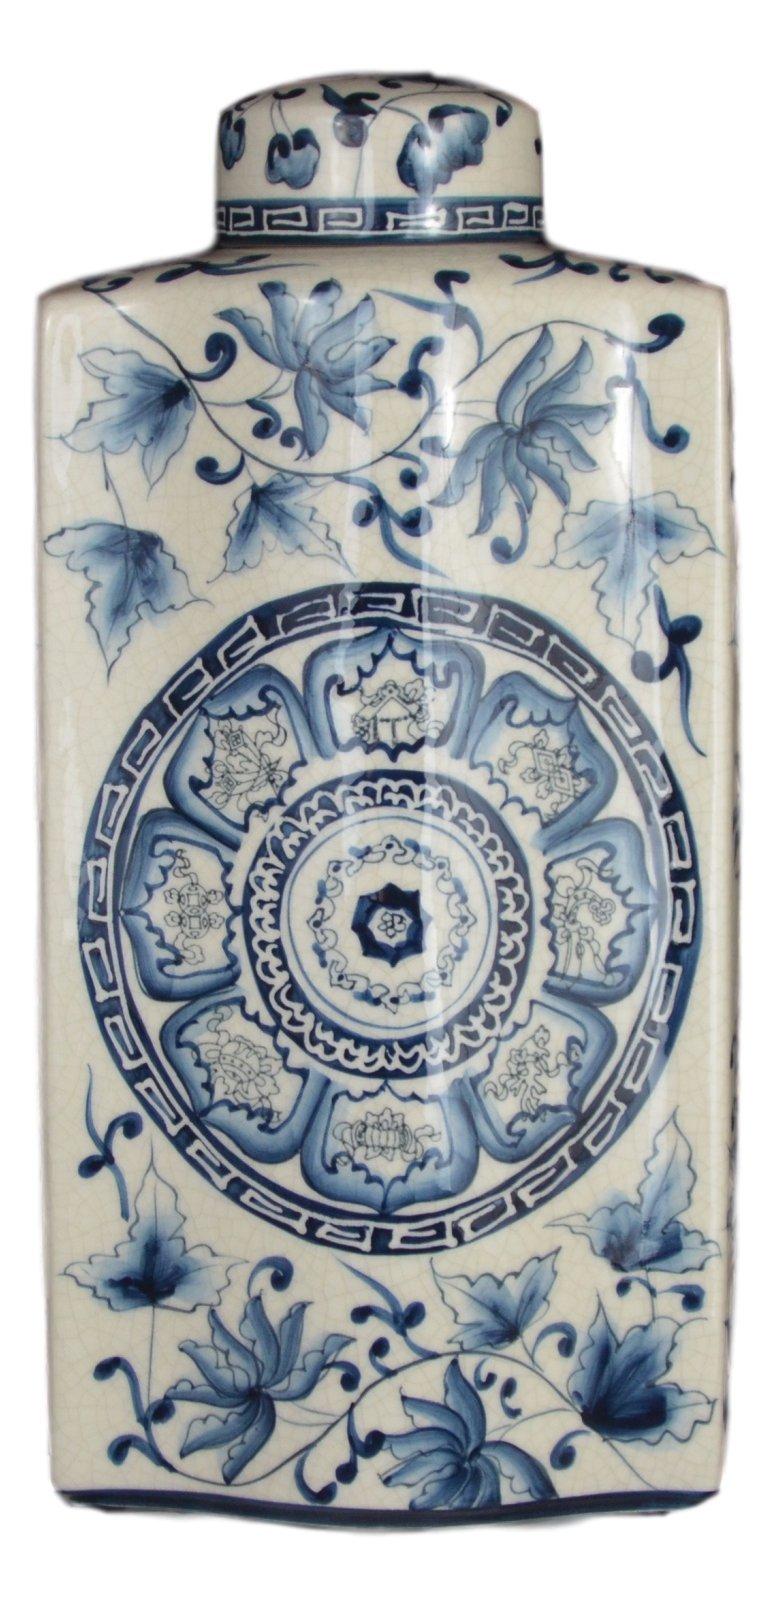 14'' Blue and White Porcelain Floral Long Flat Covered Jar Vase